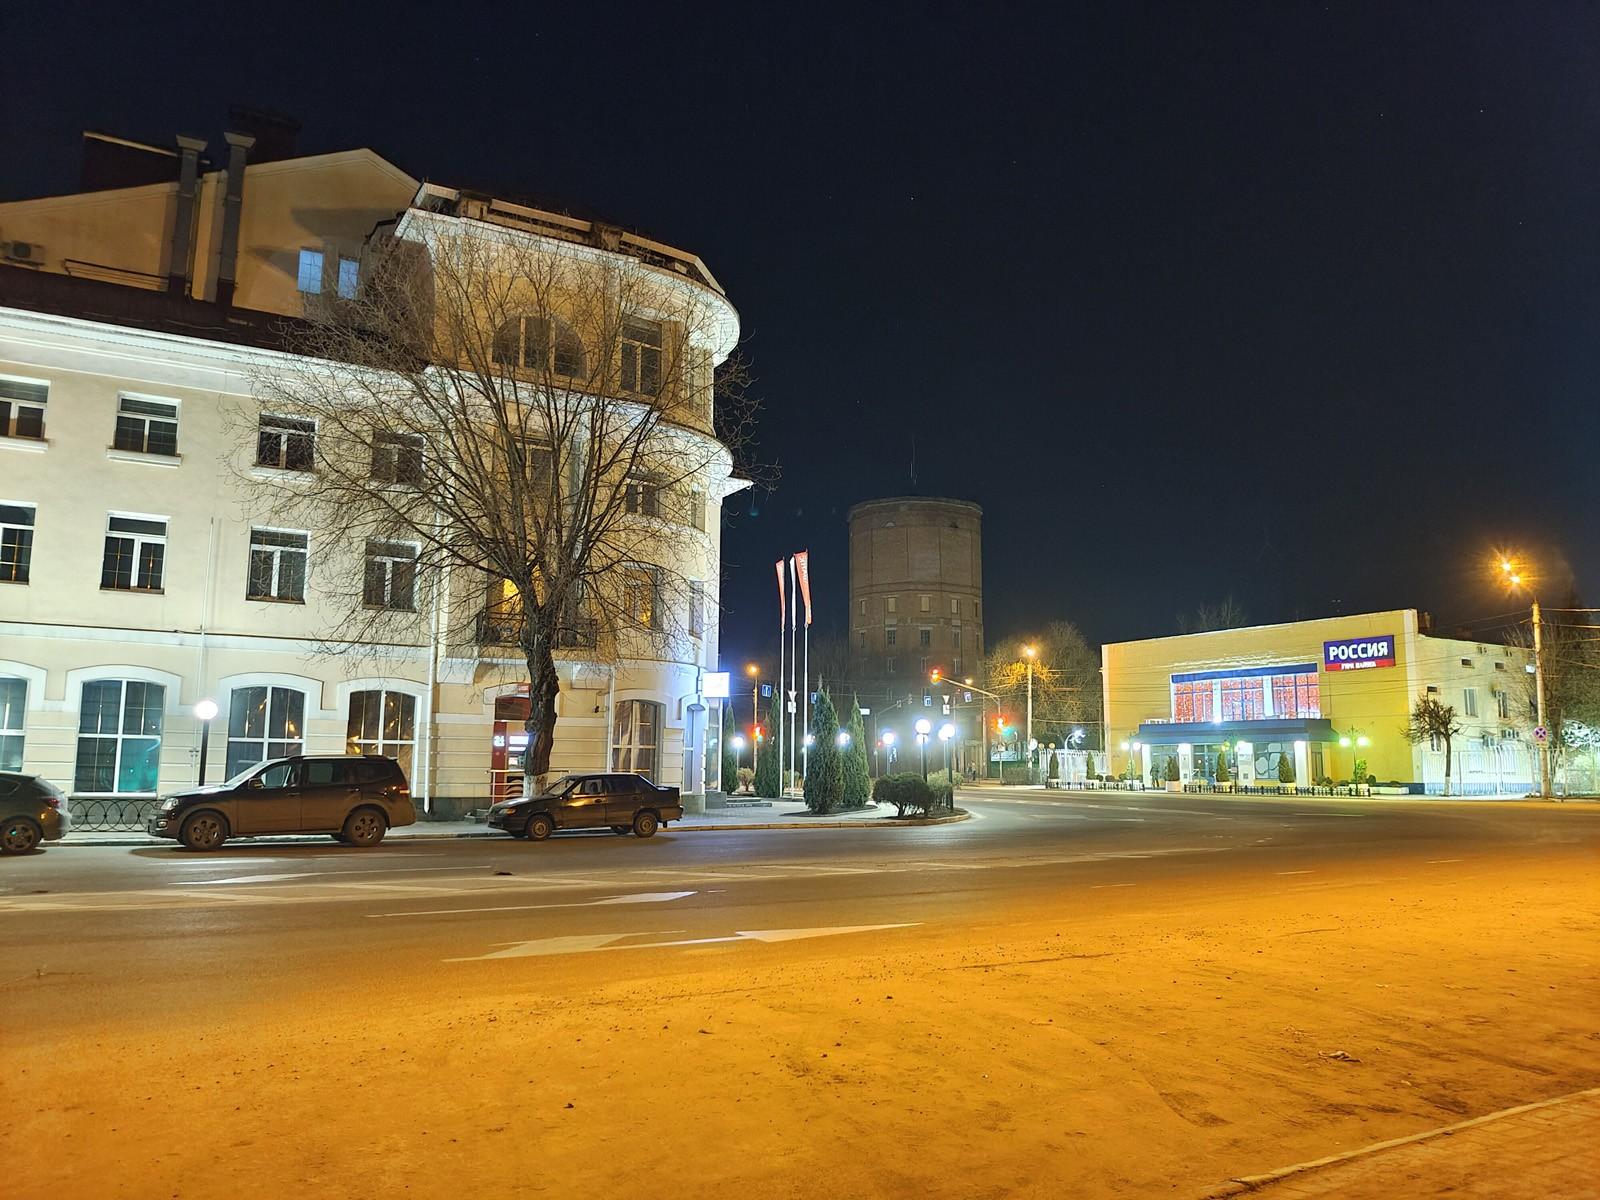 Ночное фото на Vivo X60 Pro